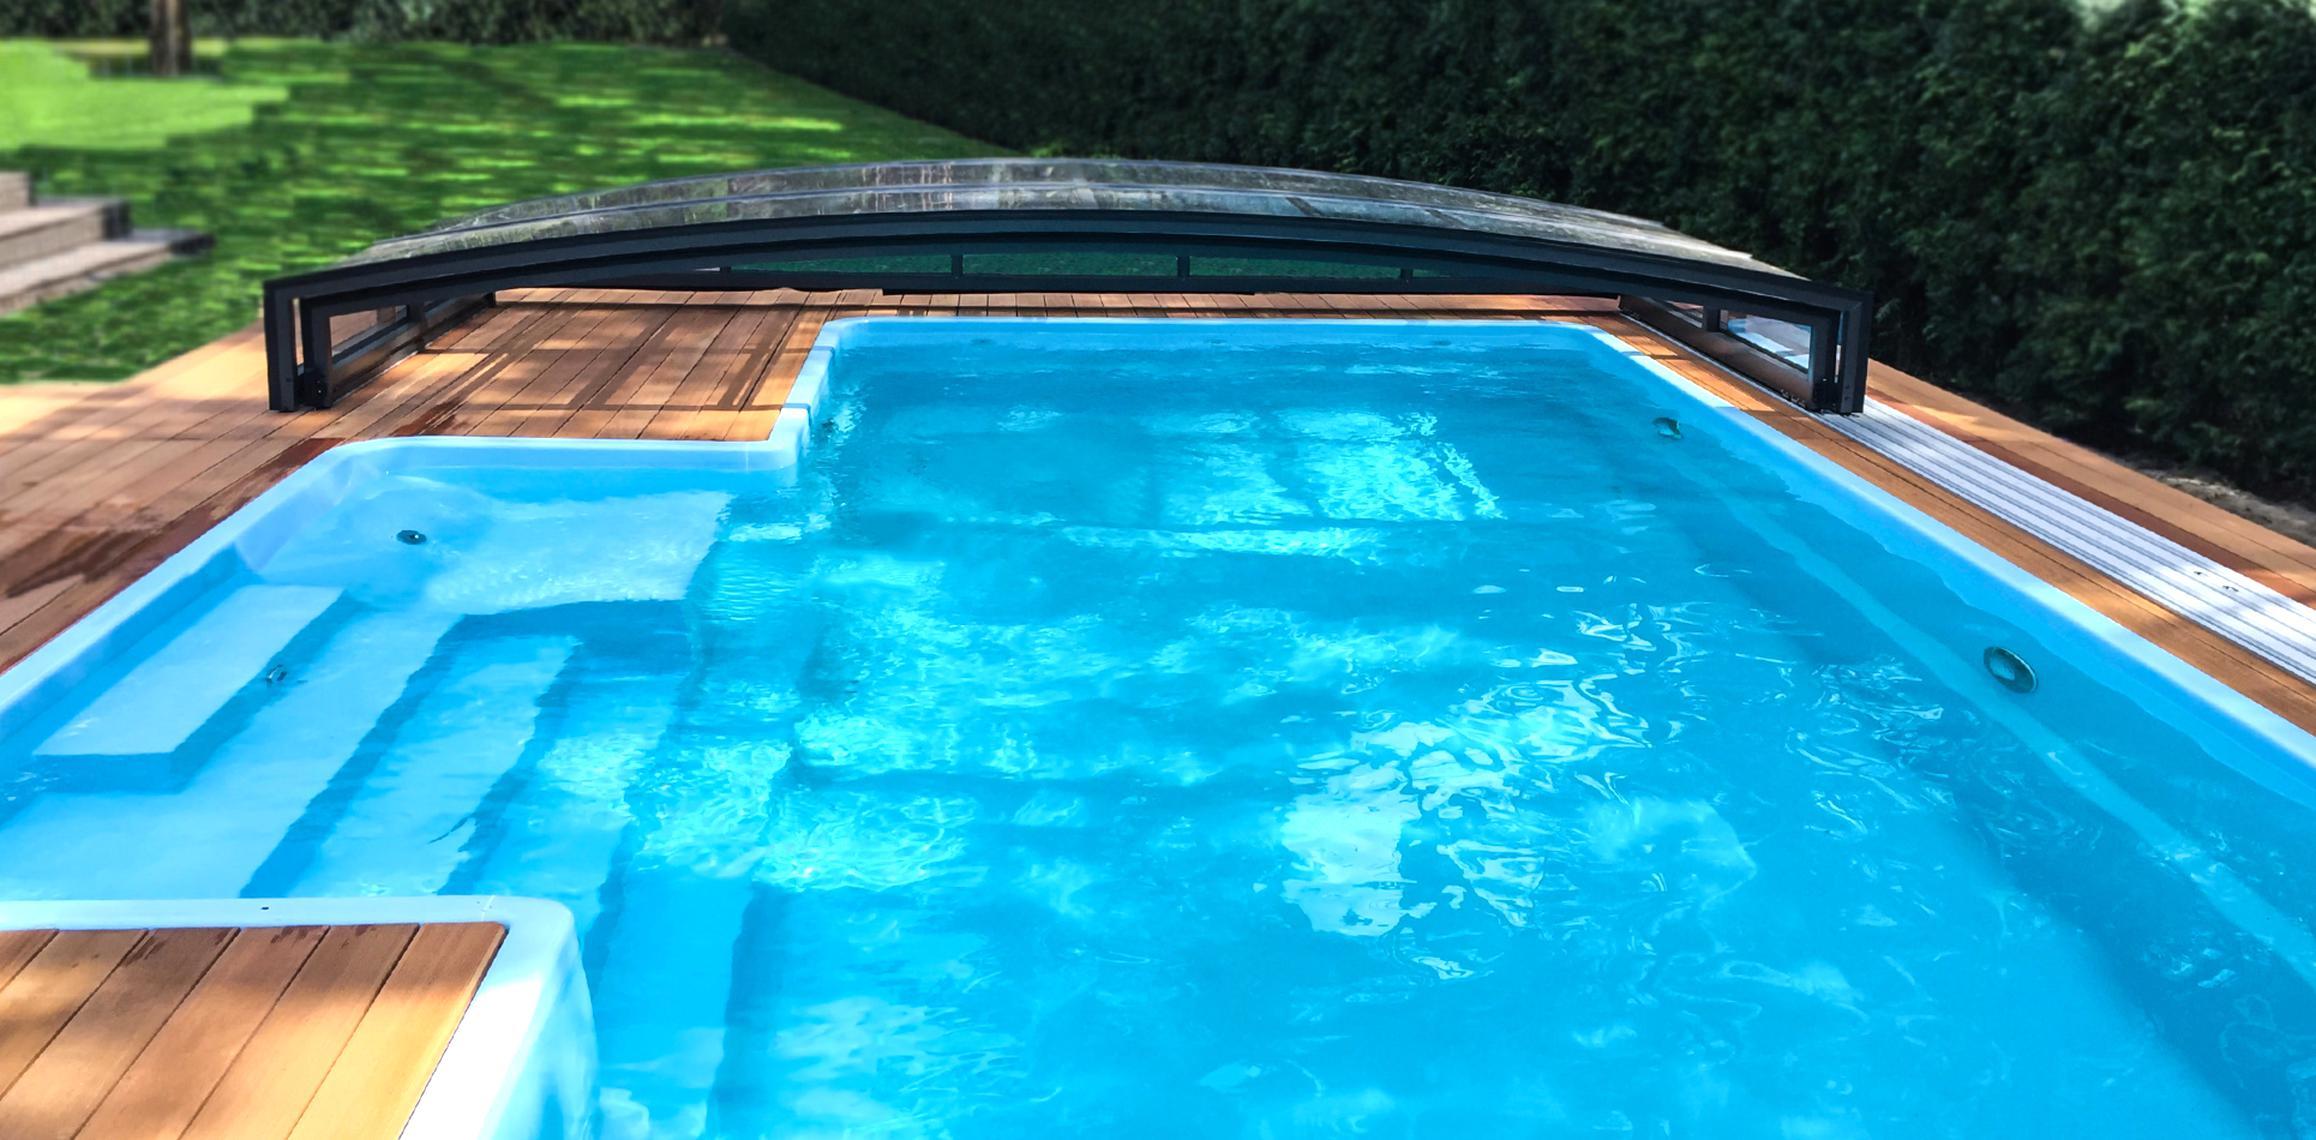 Full Size of Gebrauchte Gfk Pools Kaufen Pool Gebraucht Nur Noch 4 St Bis 75 Gnstiger Einbauküche Regale Betten Küche Fenster Verkaufen Wohnzimmer Gebrauchte Gfk Pools